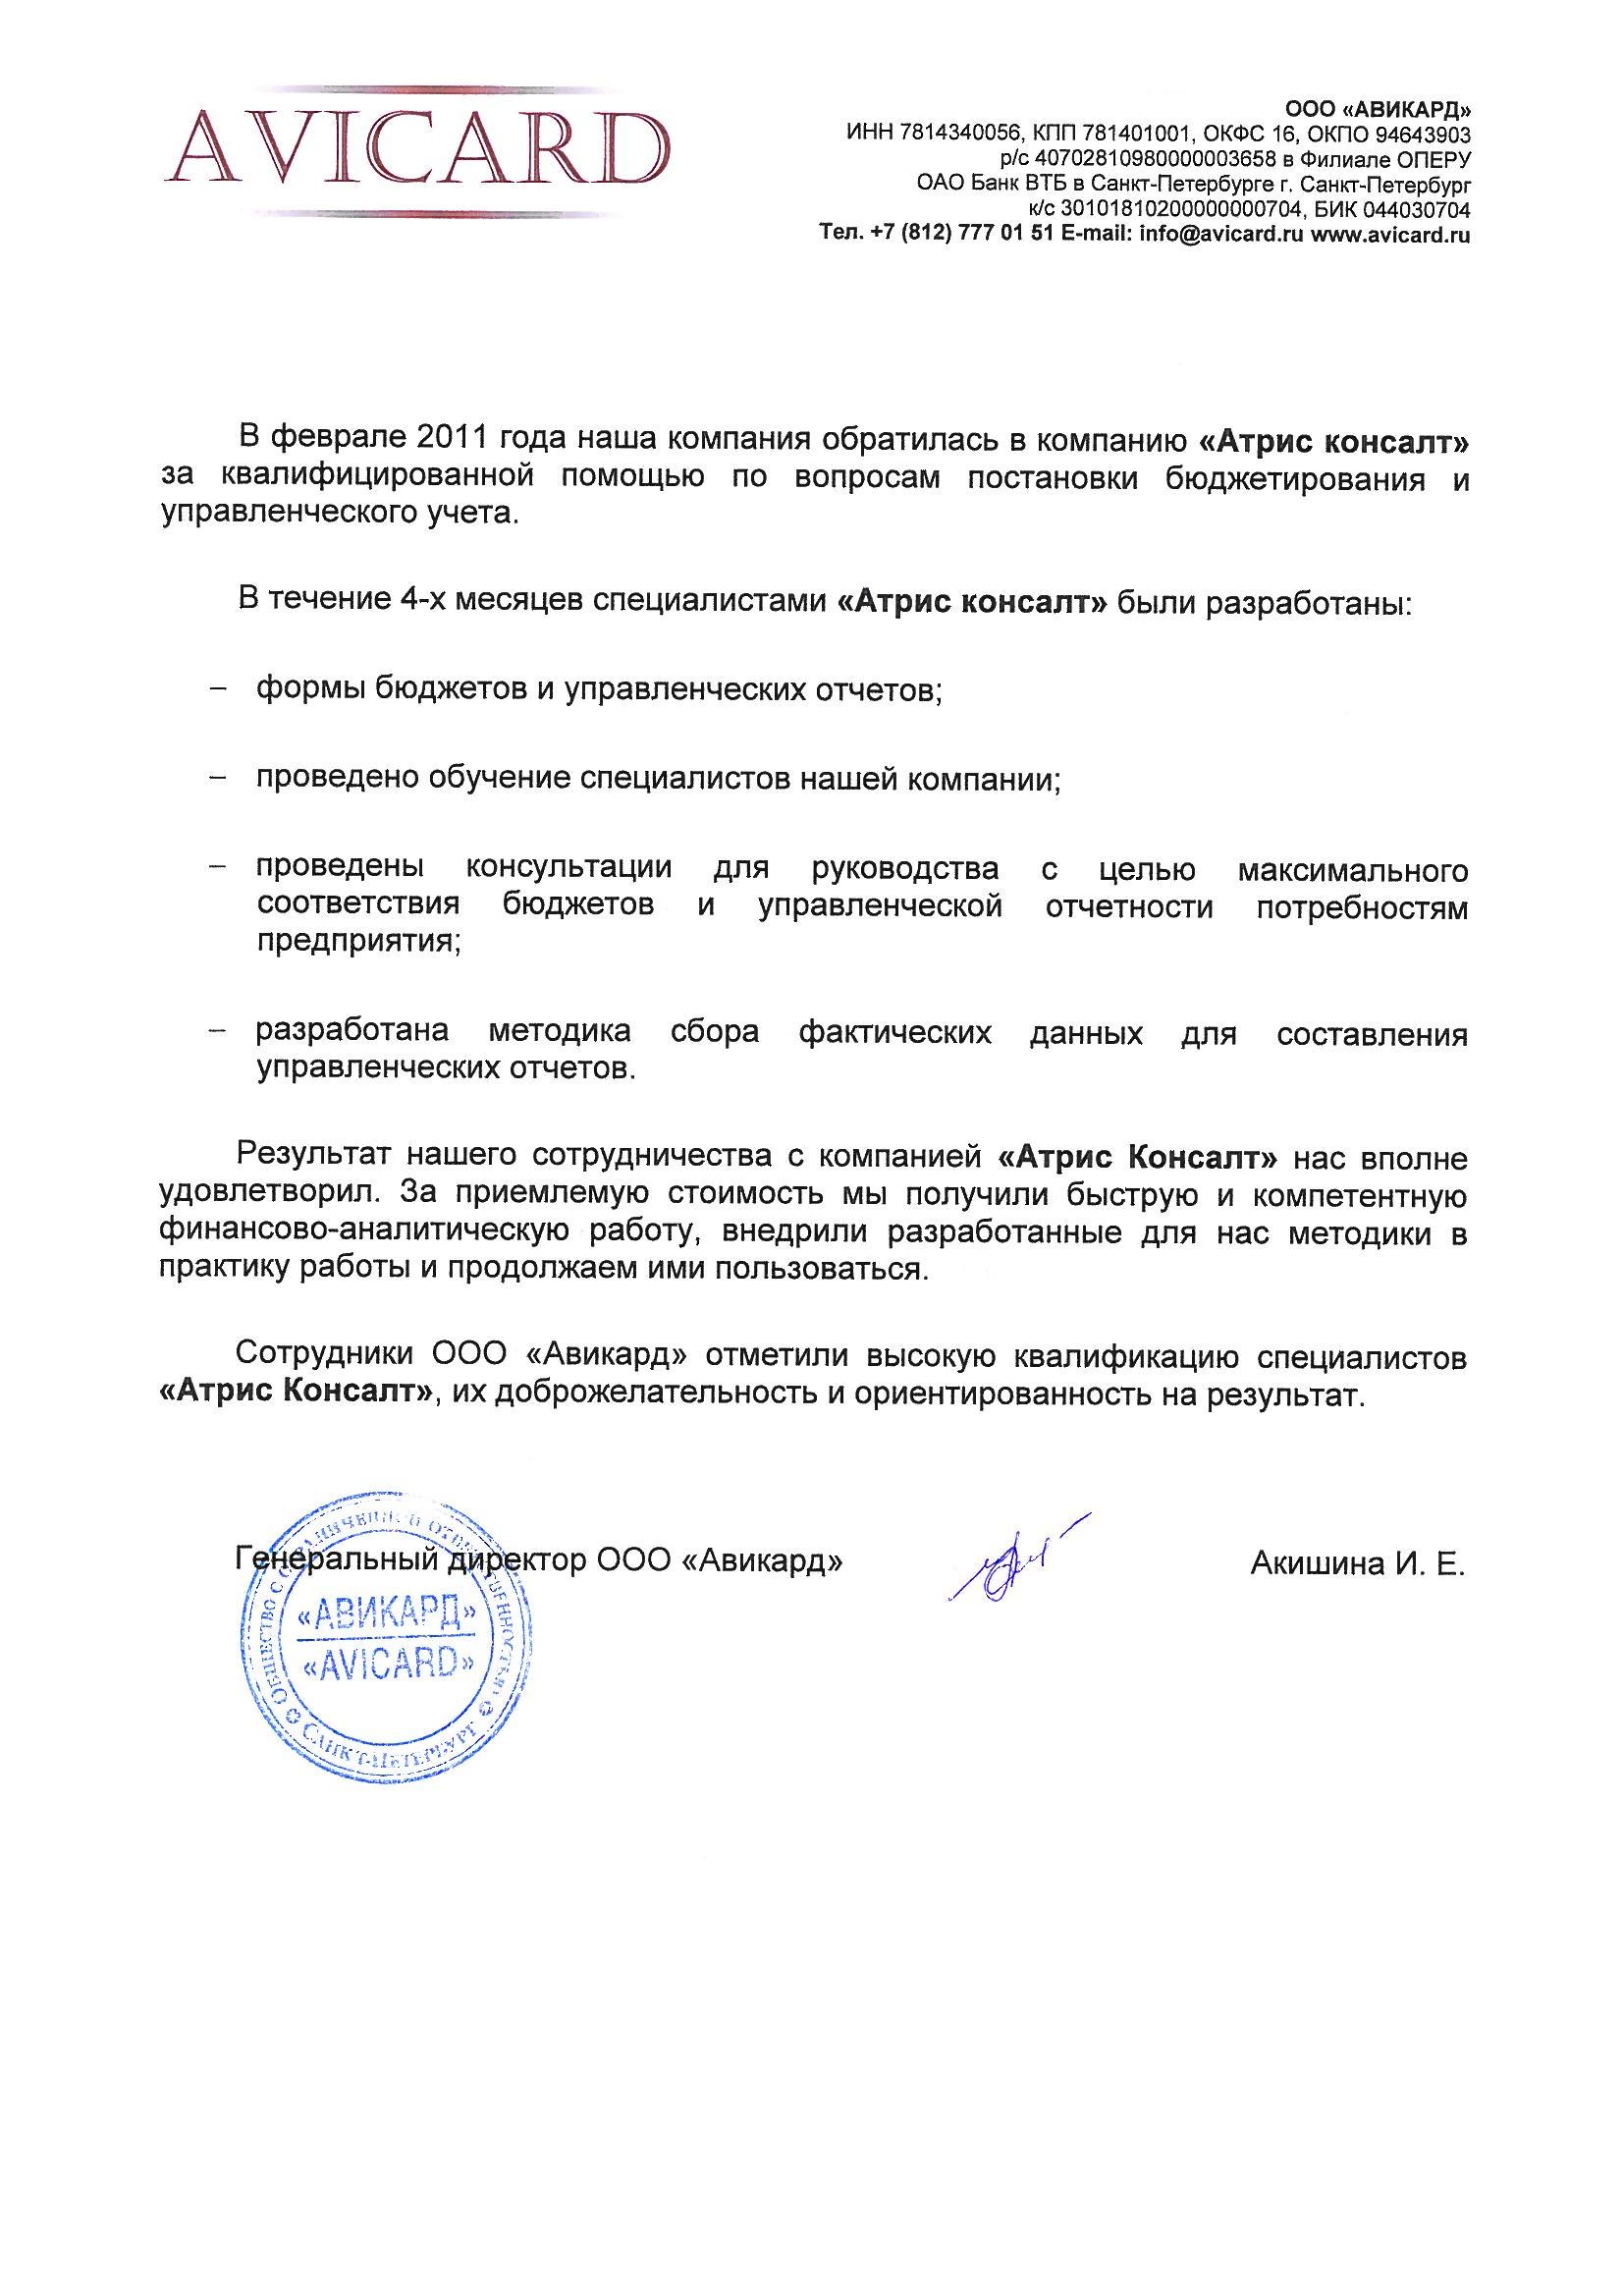 """Отзыв компании """"Авикард"""" (управленческая отчетность)"""